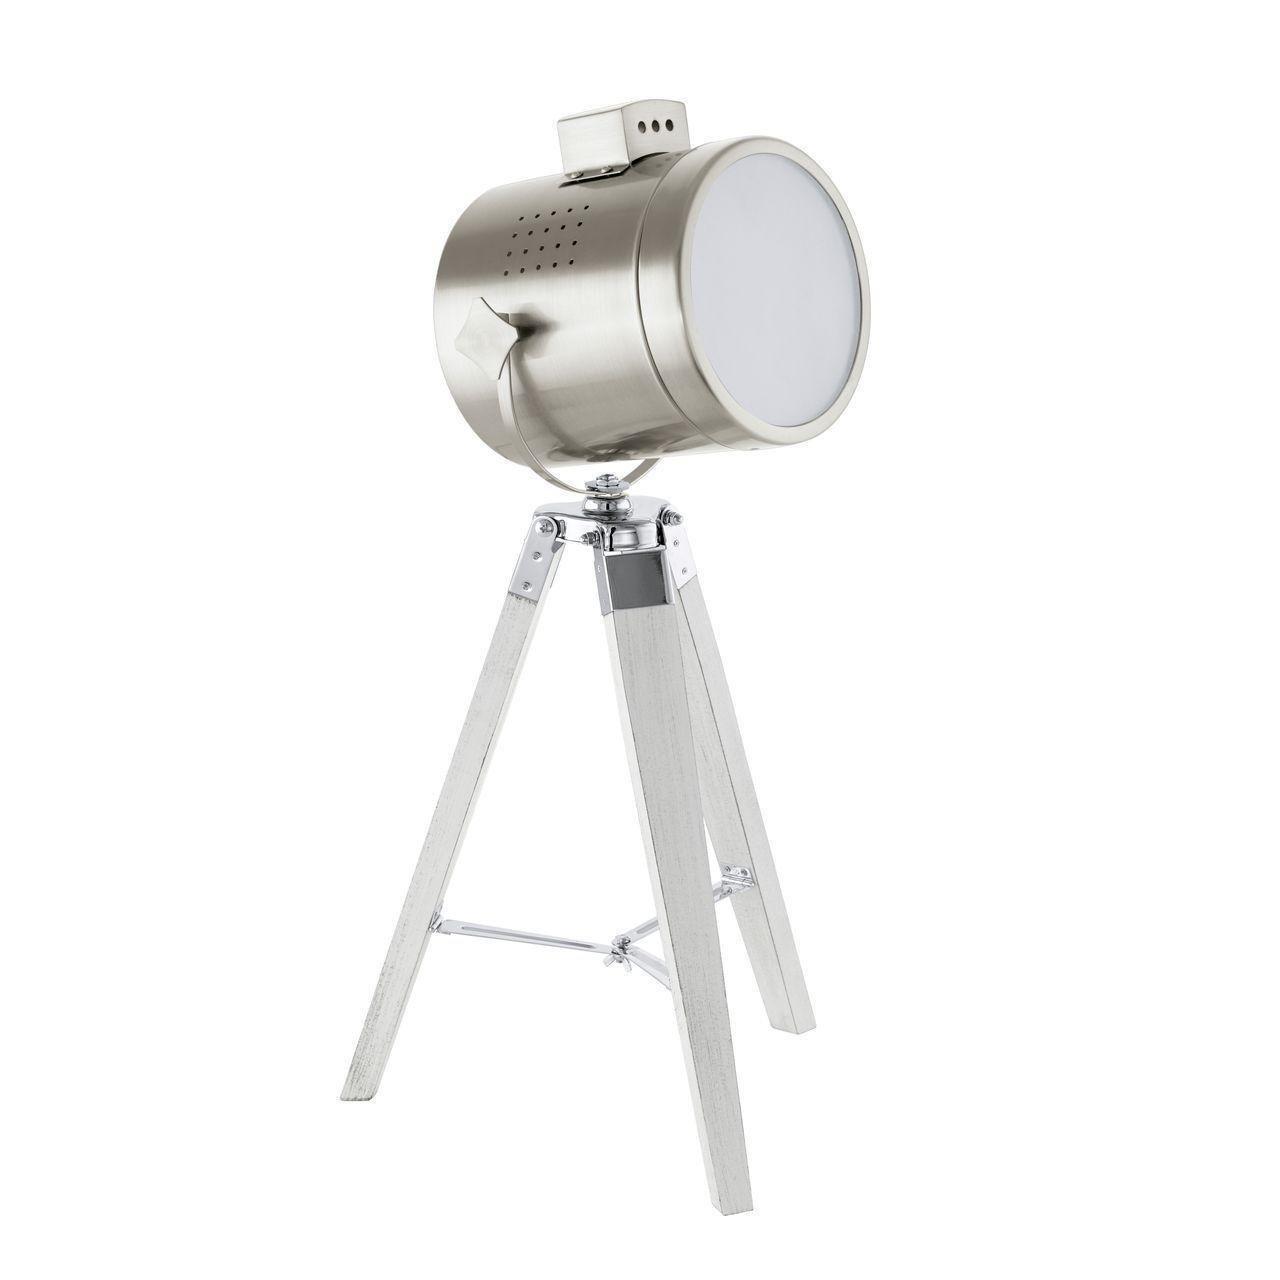 Купить Настольная лампа дизайнерская Increase в интернет магазине дизайнерской мебели и аксессуаров для дома и дачи